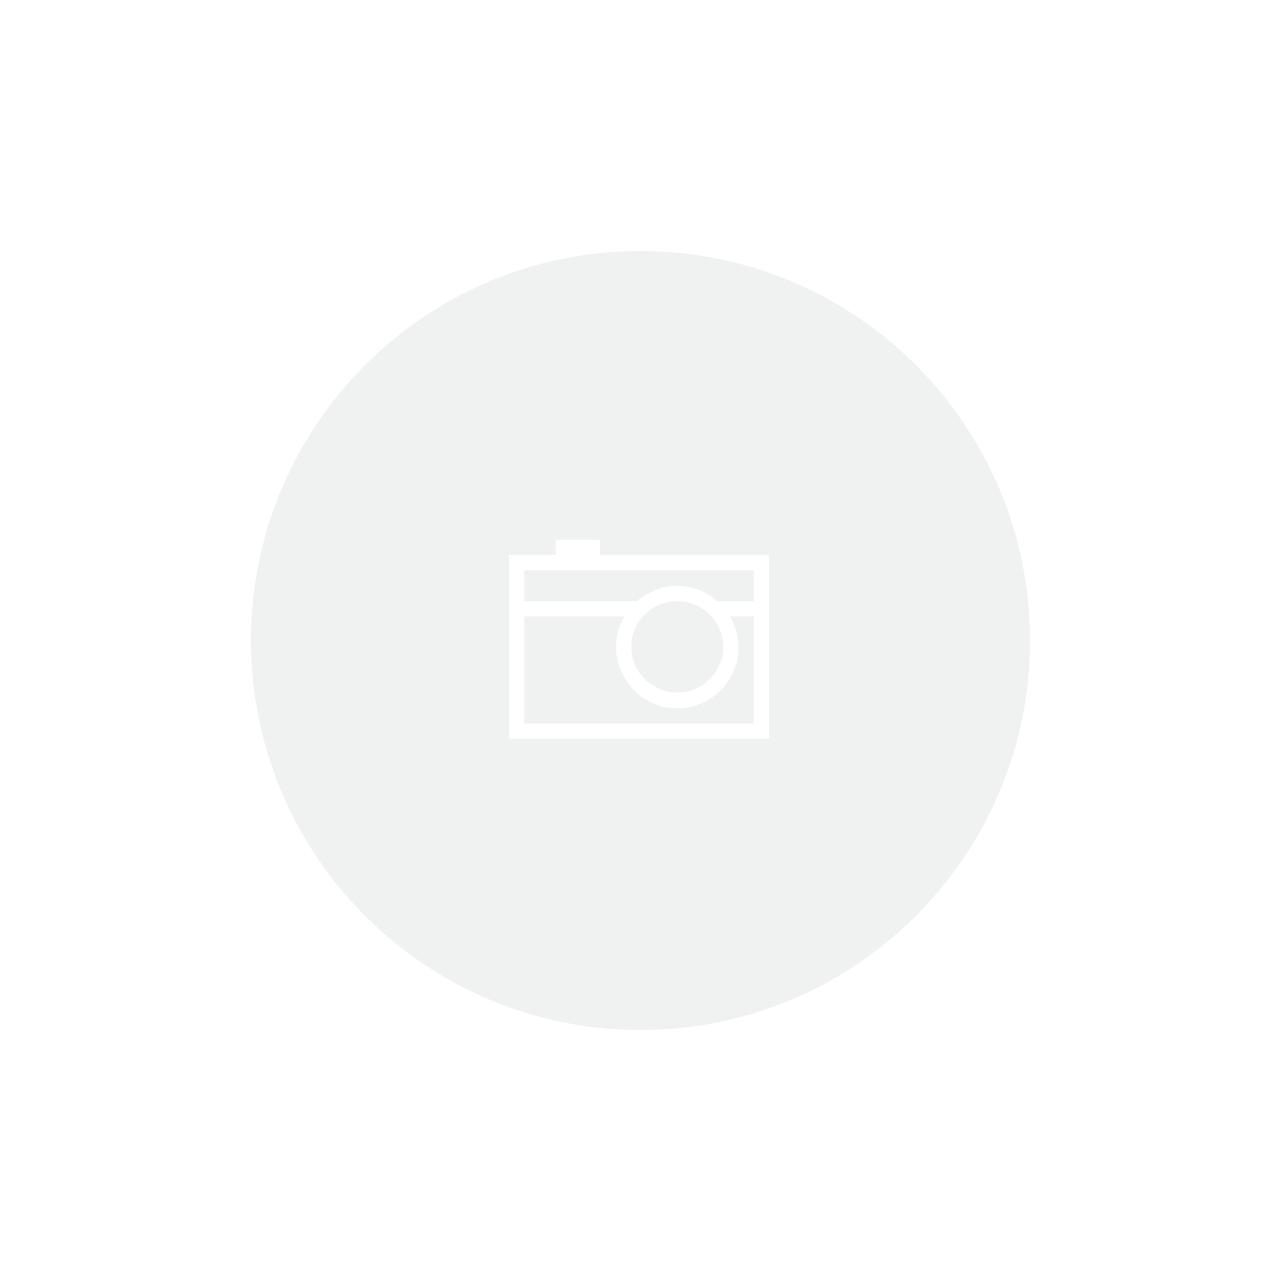 89 Descorchados